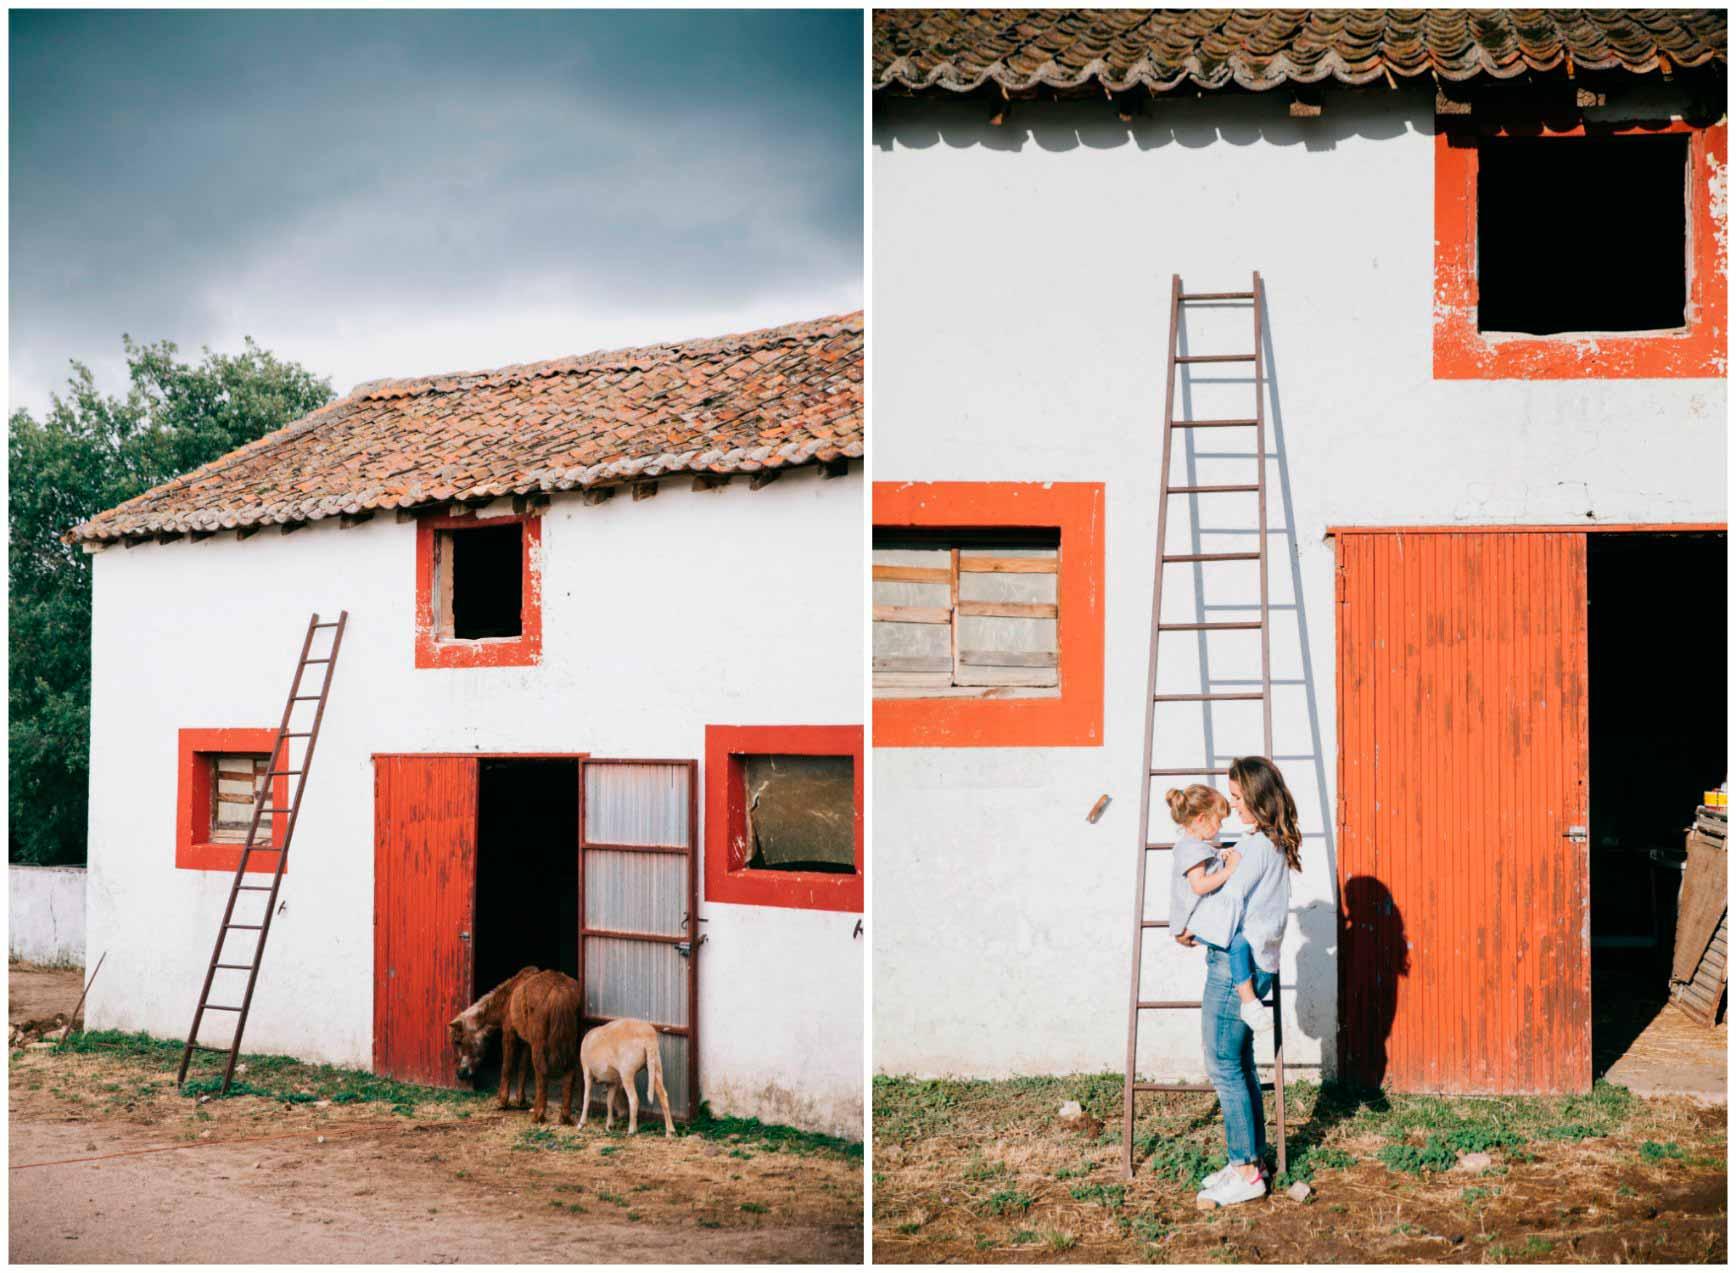 Ruta a Caballo - Caballos La Vereda_claraBmartin_53